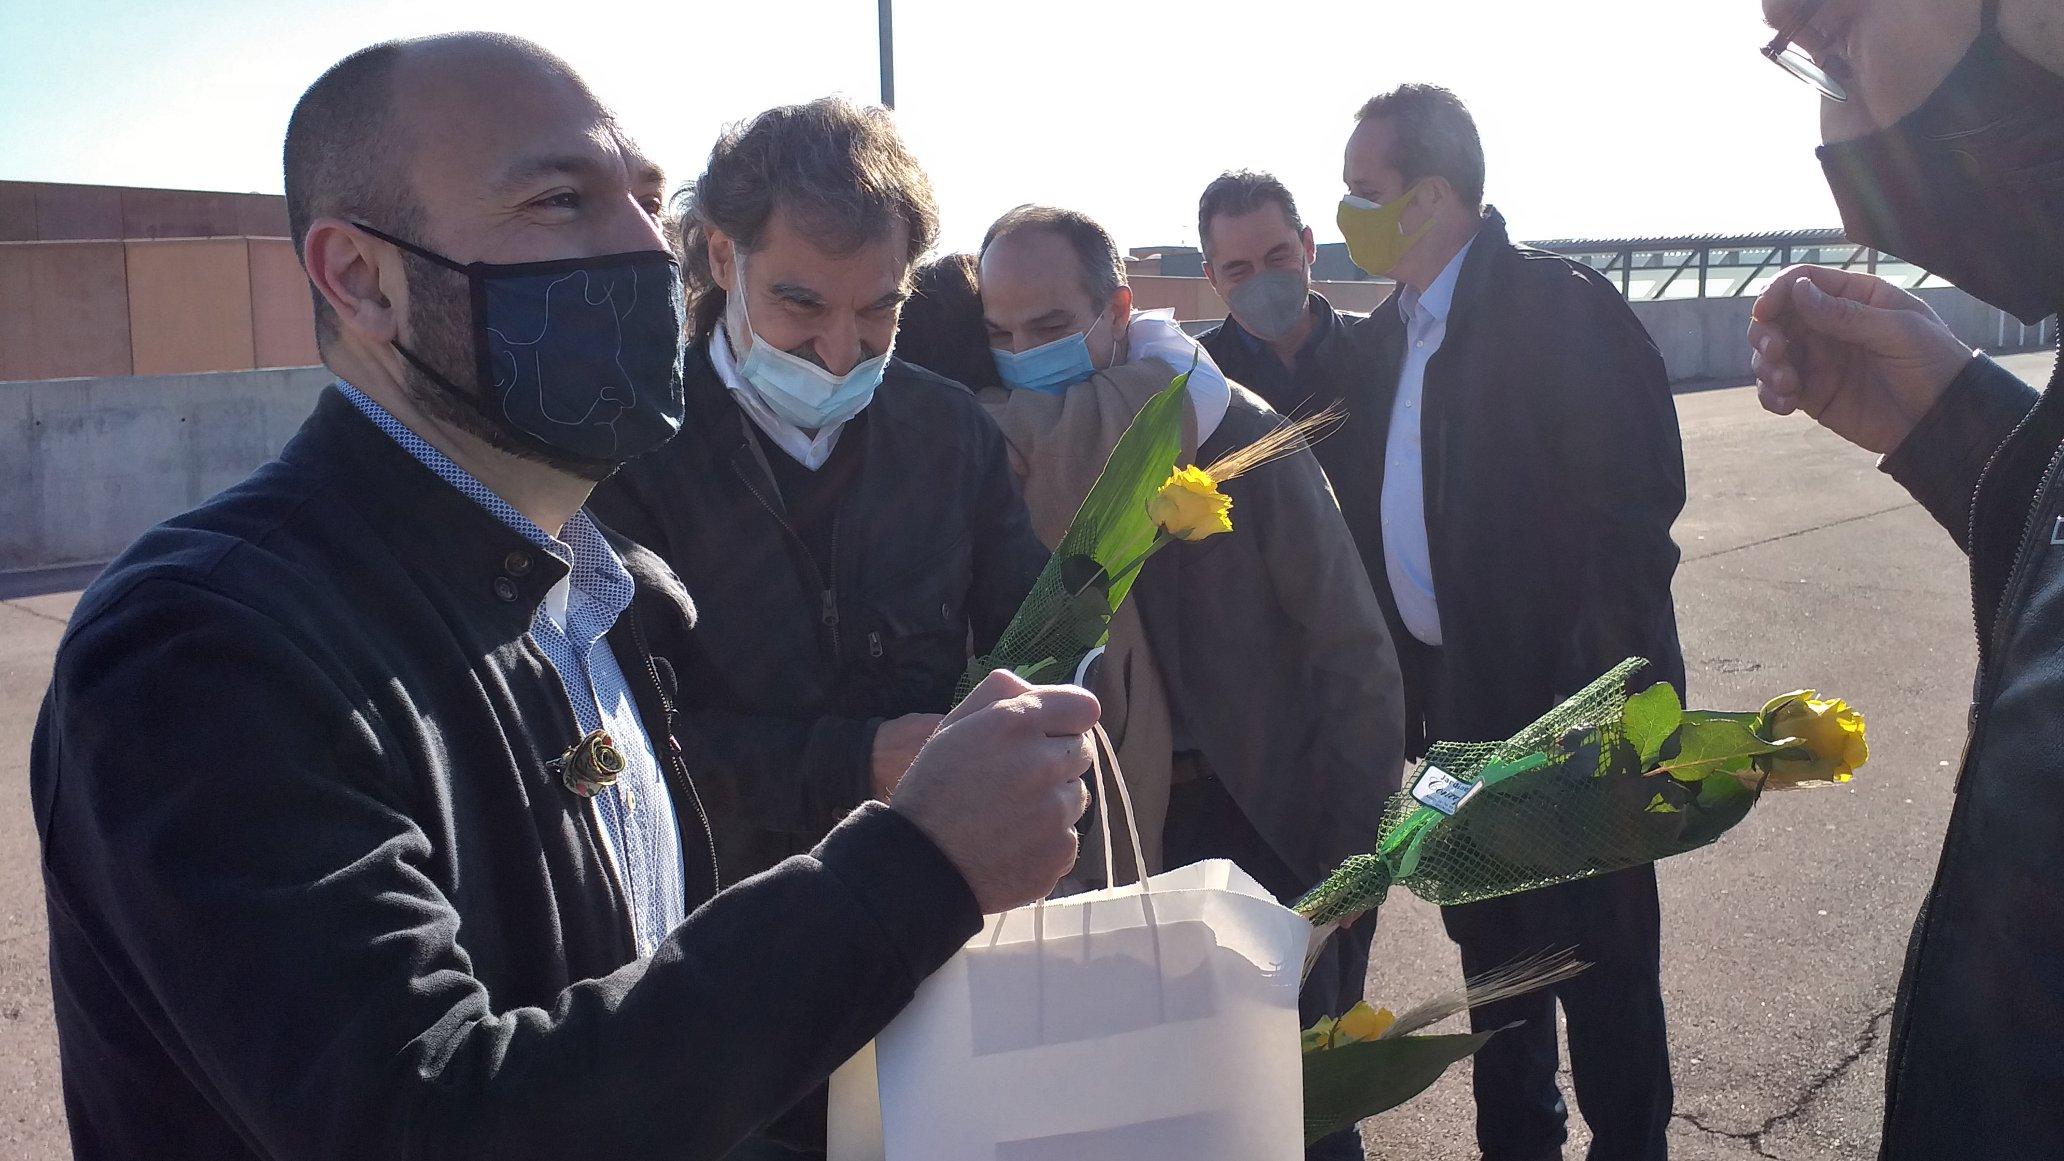 Els presos polítics que surten de permís aquest Sant Jordi reben roses de color groc   Twitter Jordi Cuixart